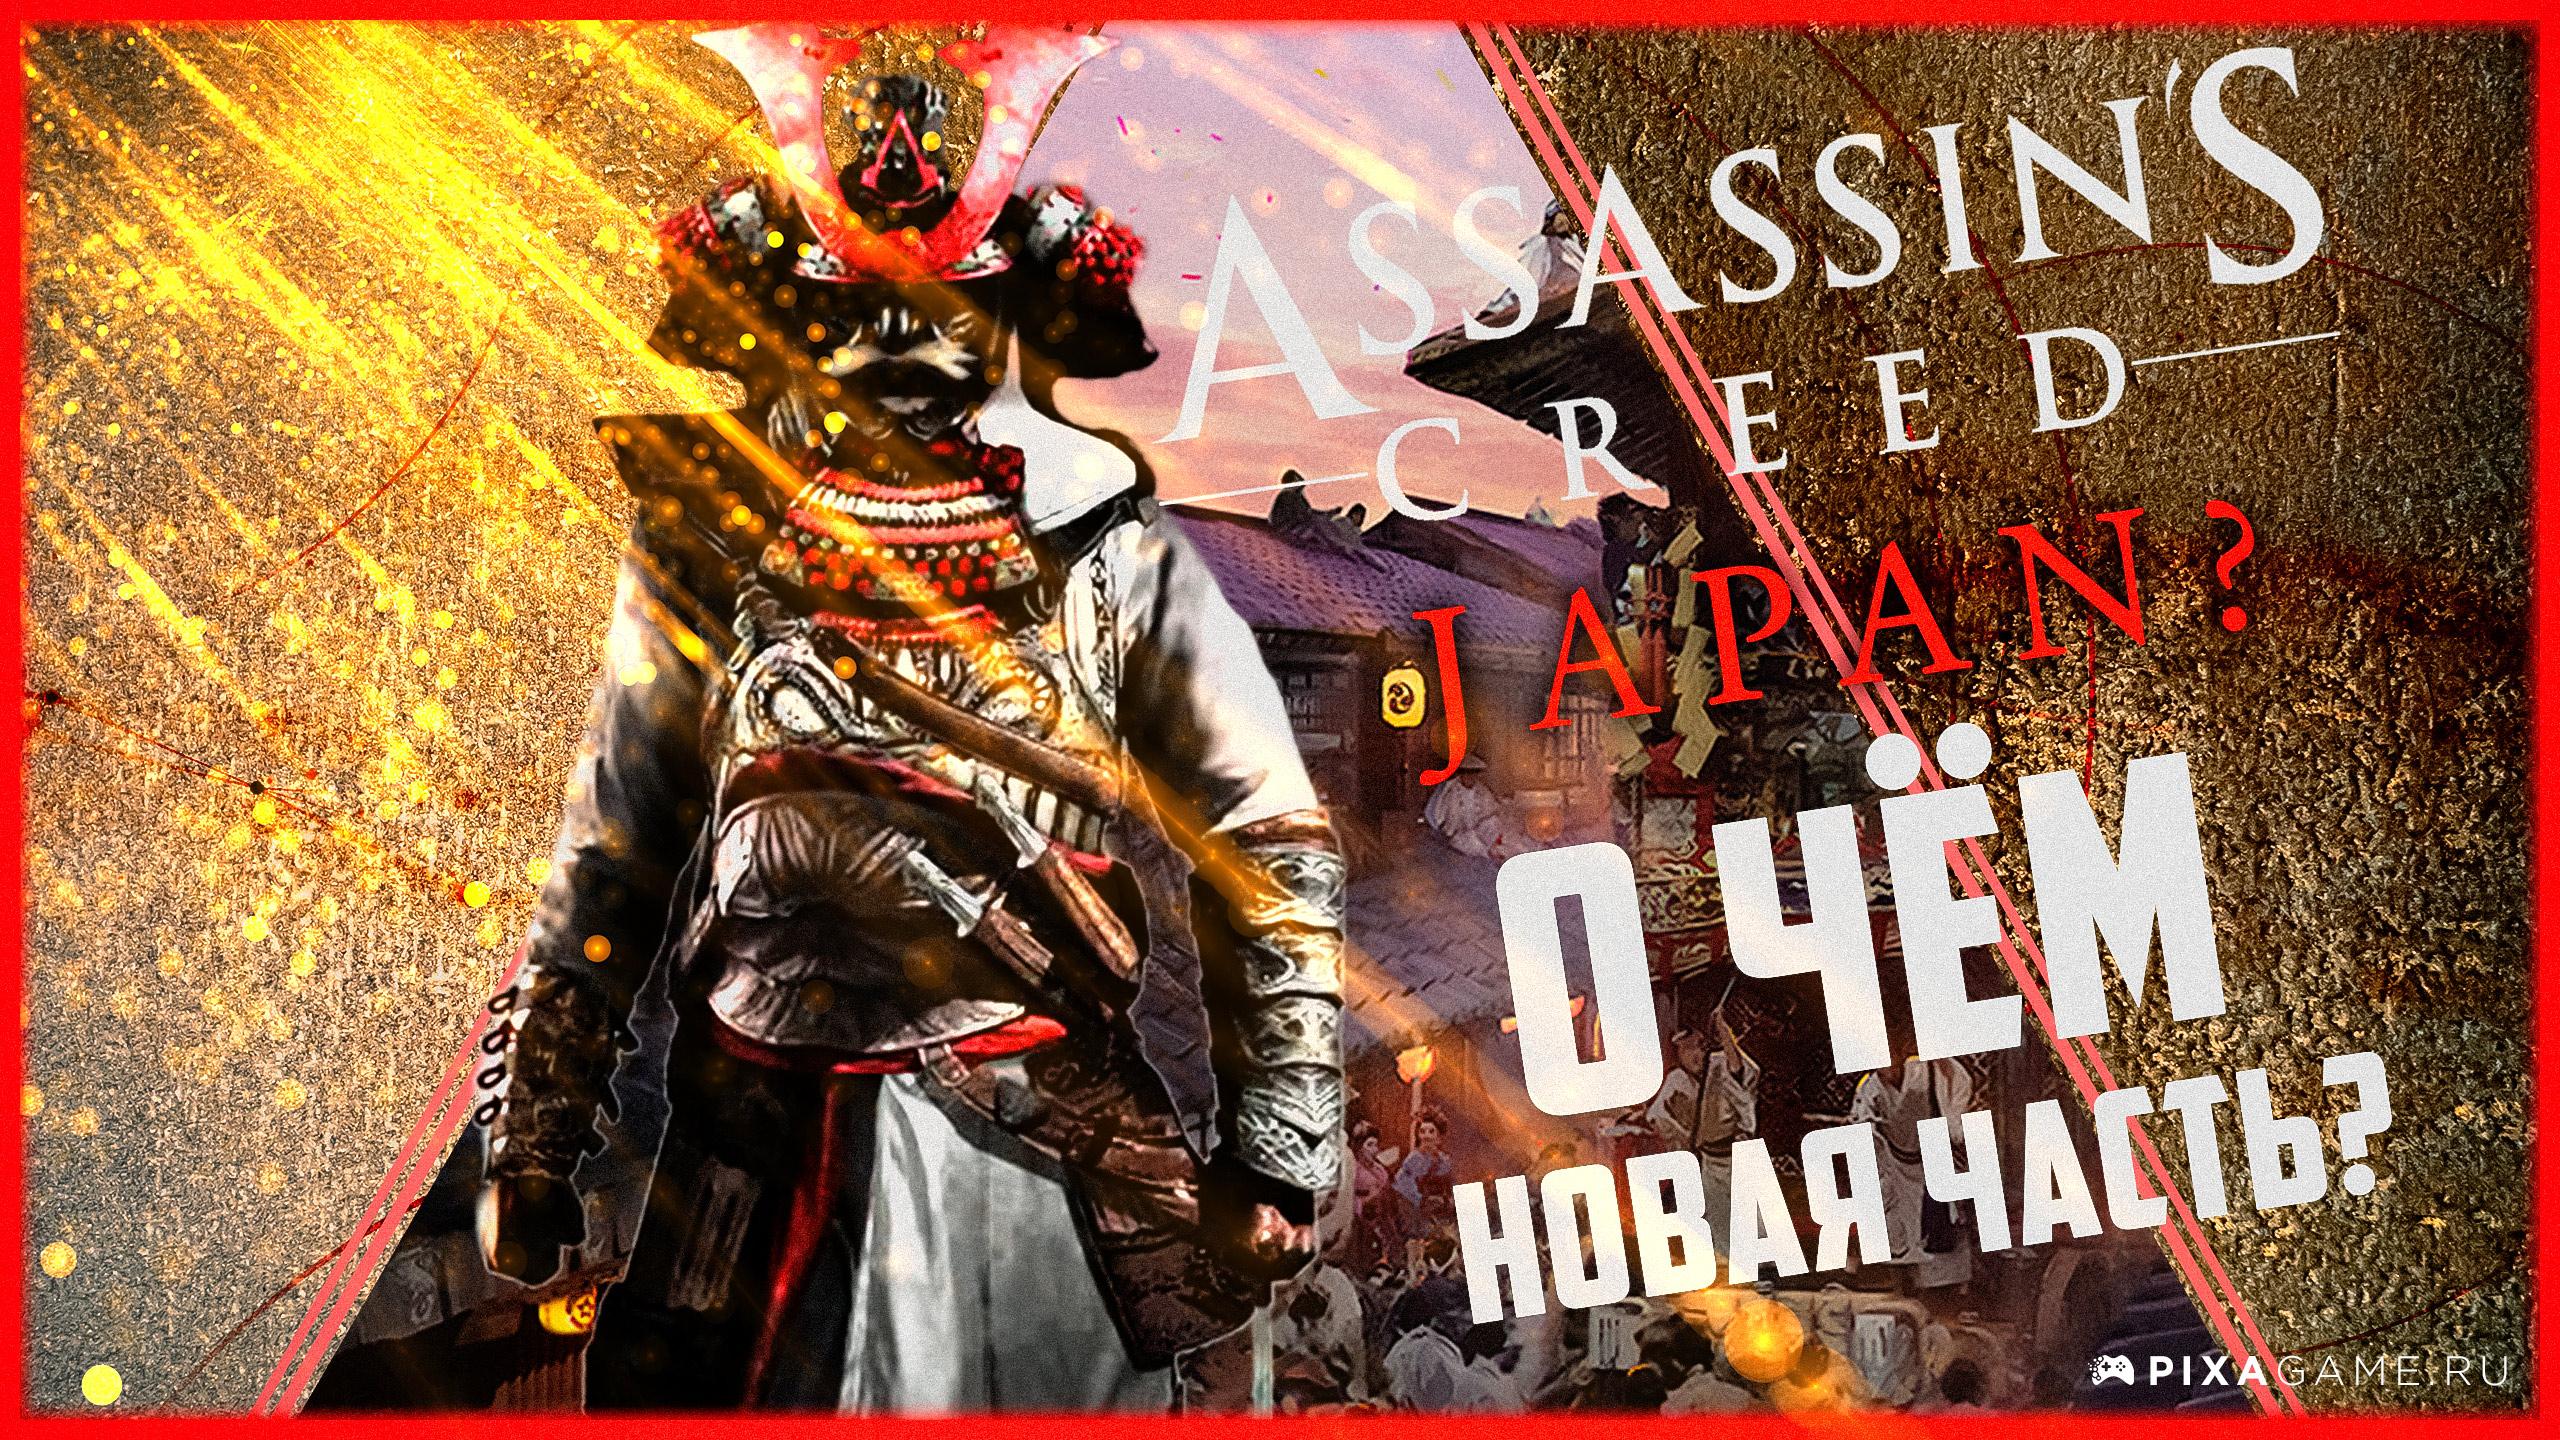 О чем будет новый Assassin's Creed? - узнай первые подробности